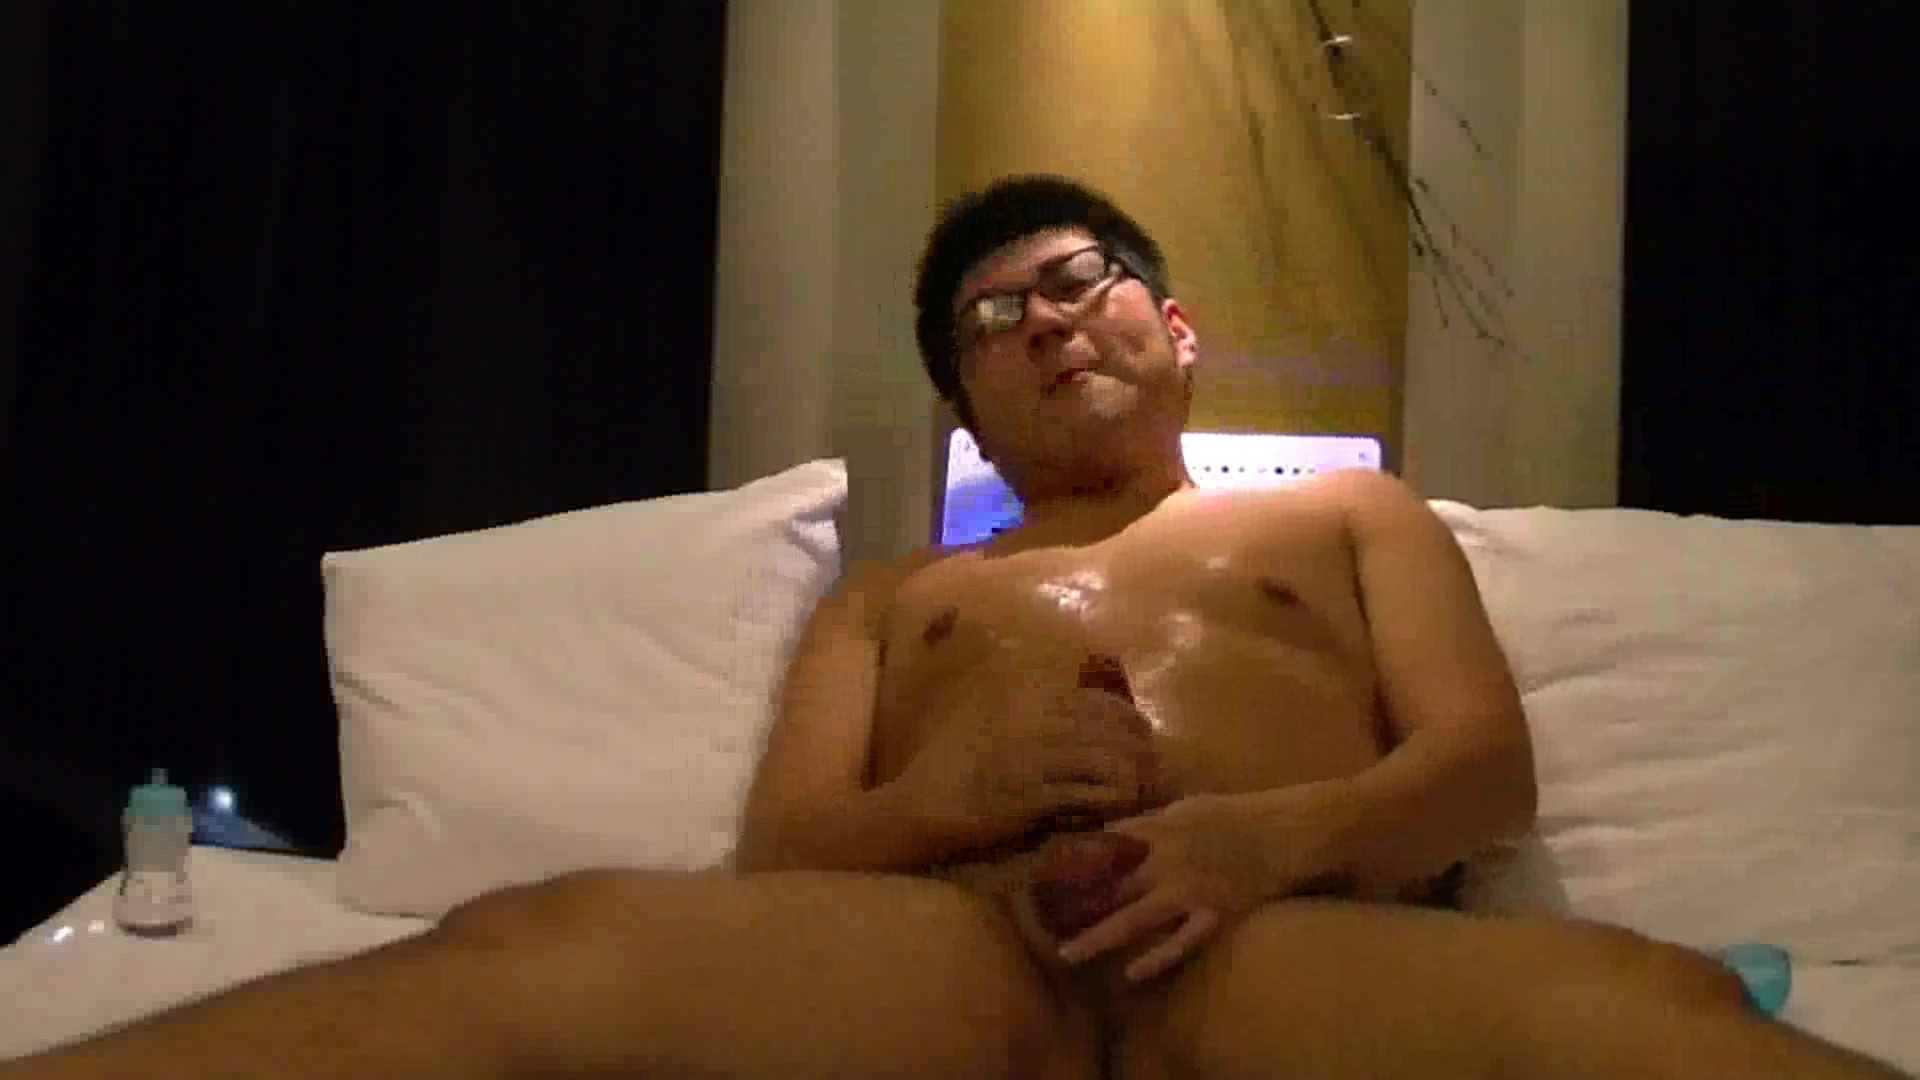 ONA見せカーニバル!! Vol5 メンズのエッチ   オナニー専門男子  81画像 29